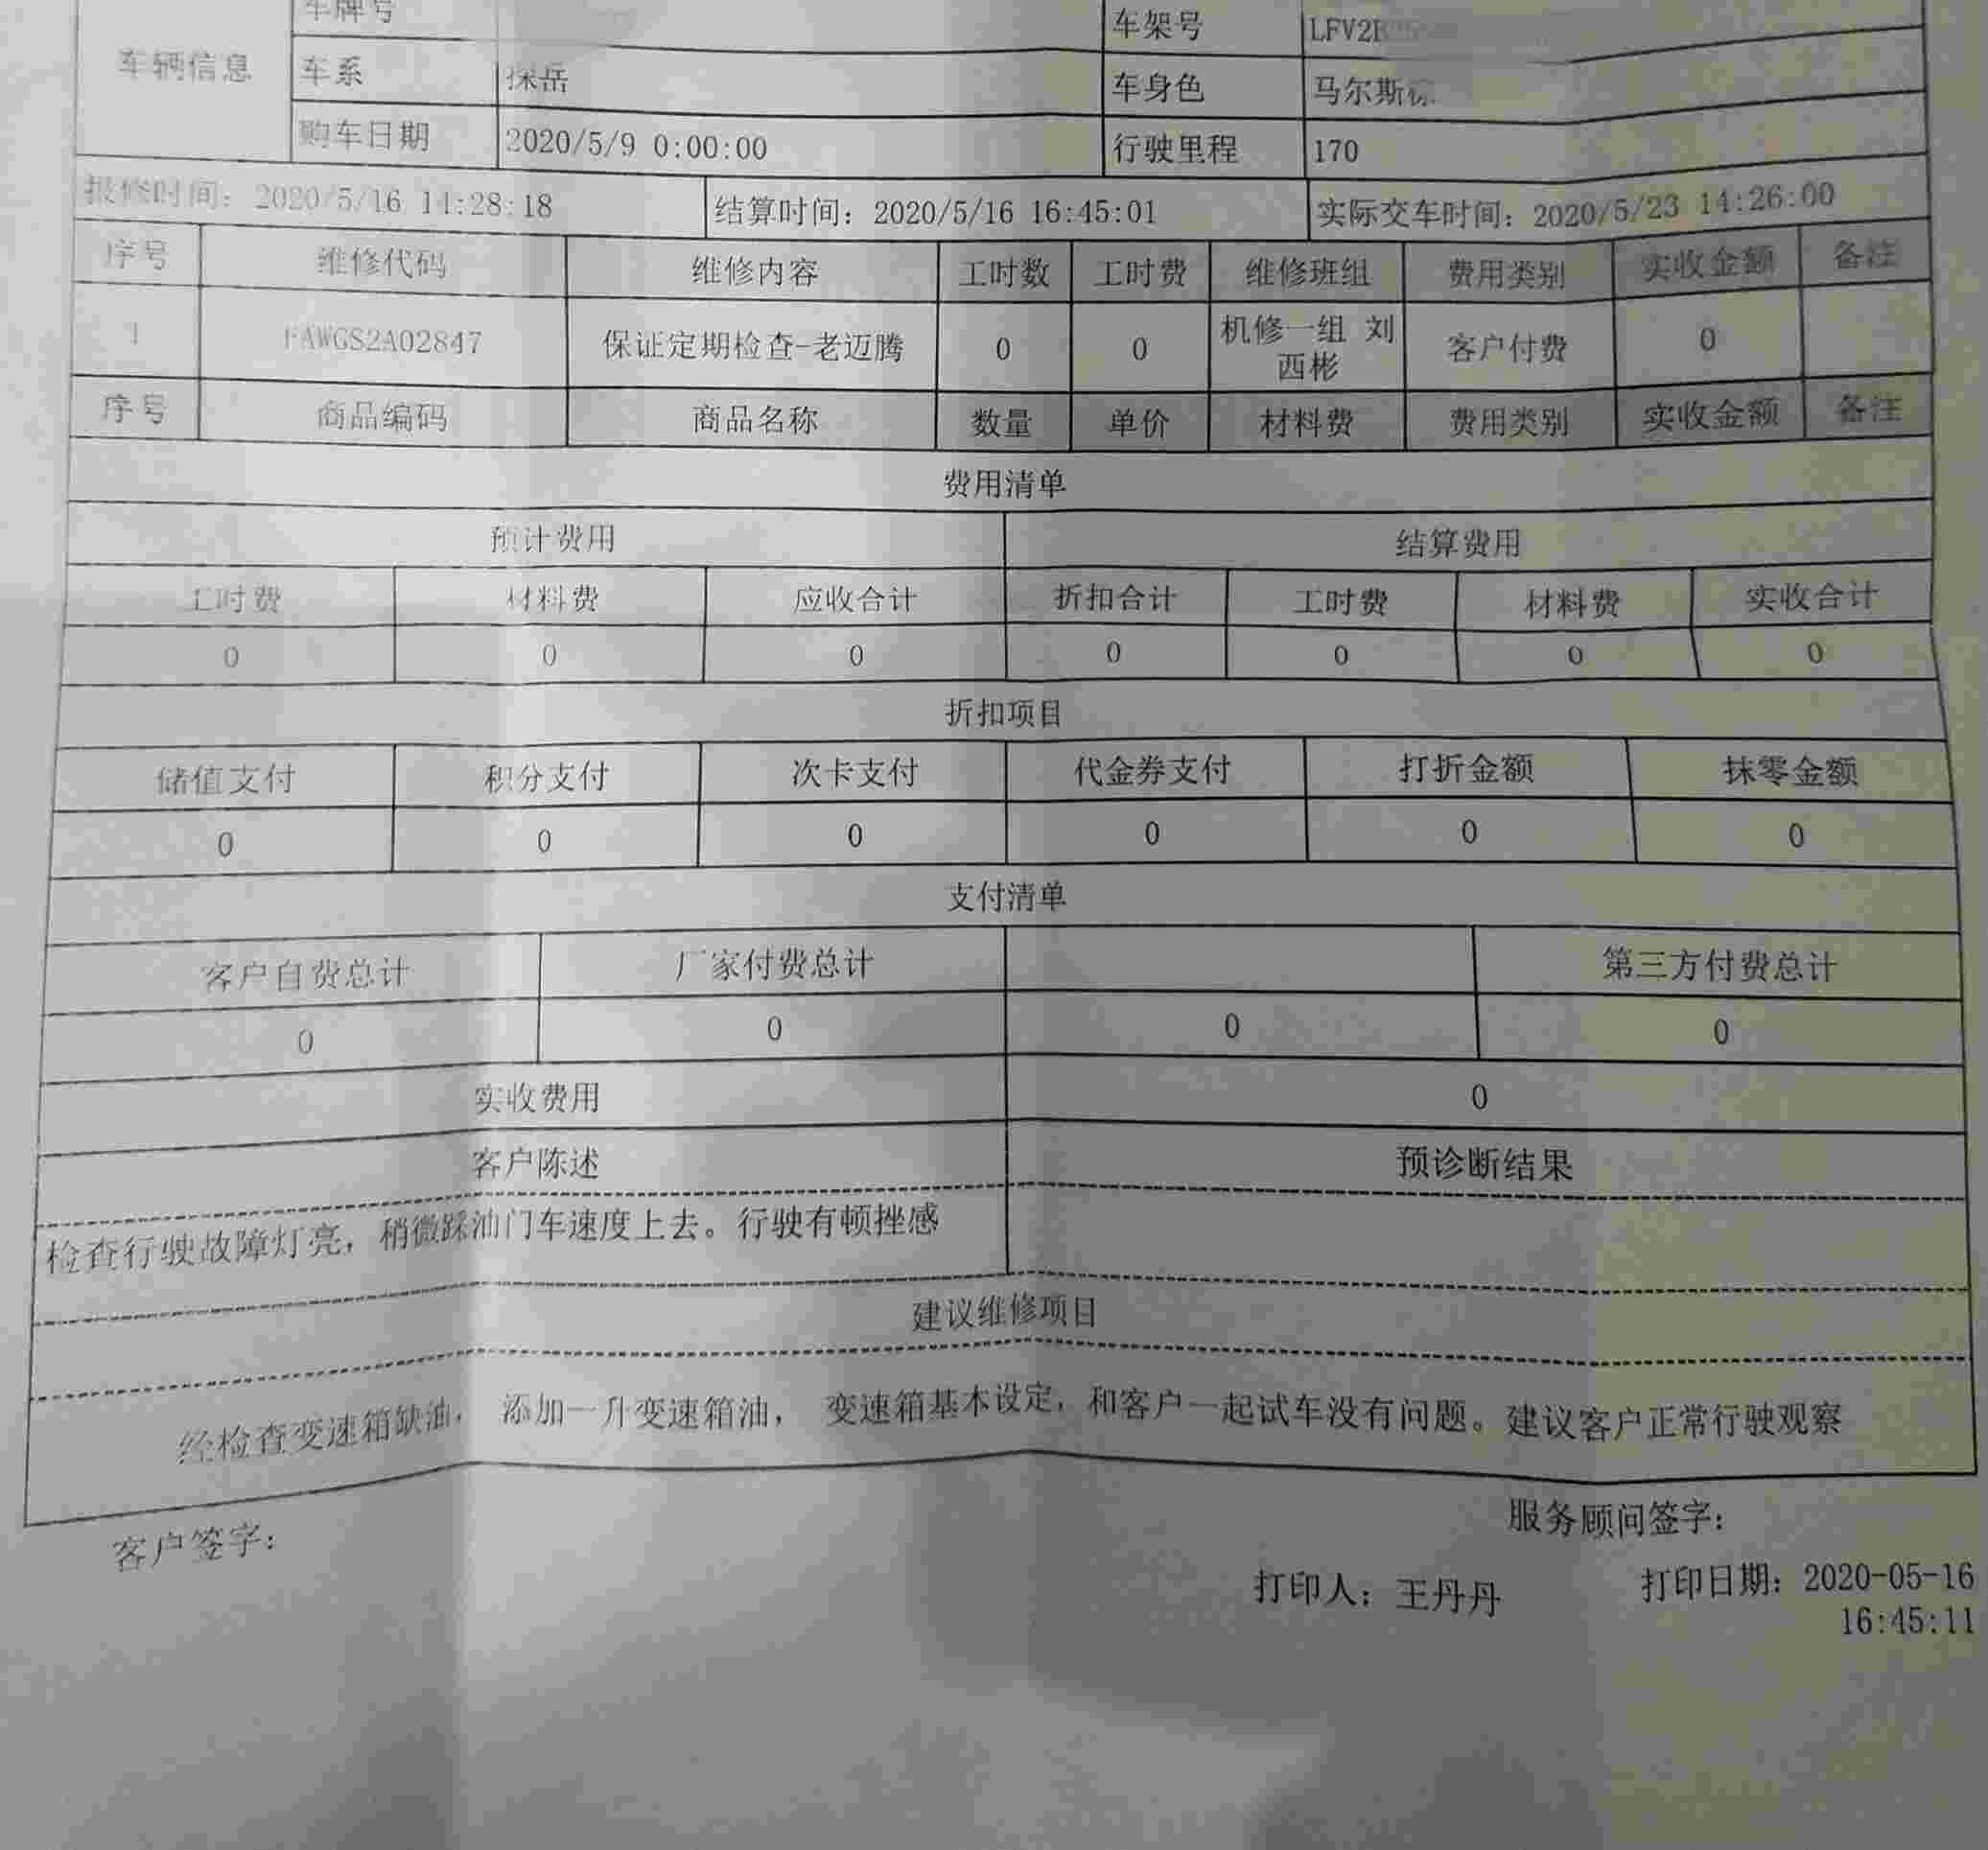 江苏华海南众汽车销售有限公司